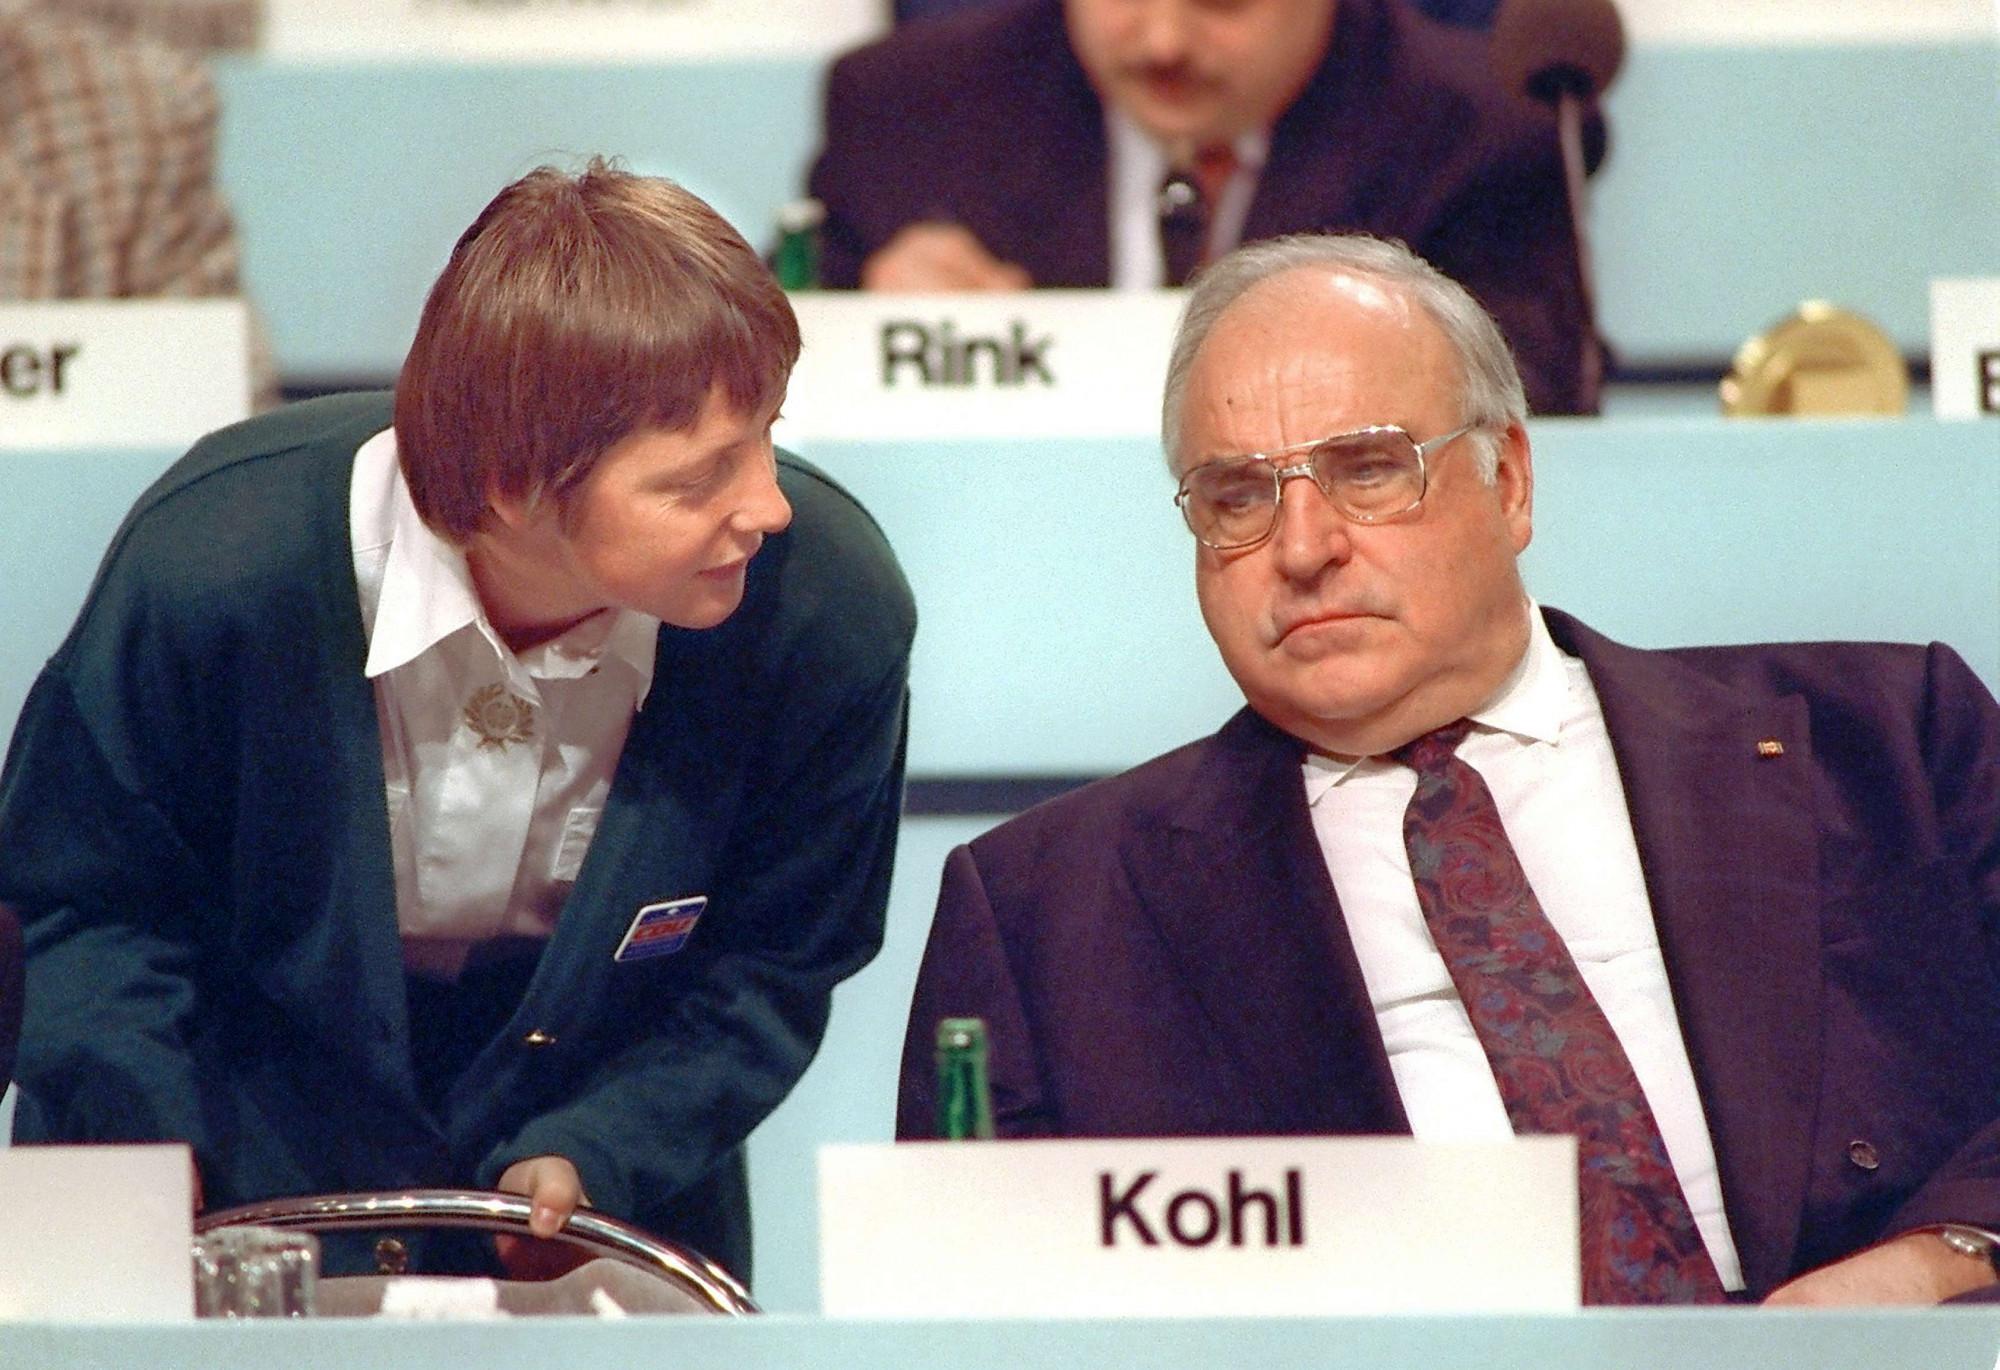 Bà Merkel thời còn làm Bộ trưởng Bộ trưởng phụ nữ và thanh niên đang trao đổi với Thủ tướng Helmut Kohl trong một hội nghị diễn ra năm 1991 - Ảnh: Michael Jung/picture-alliance/dpa/AP